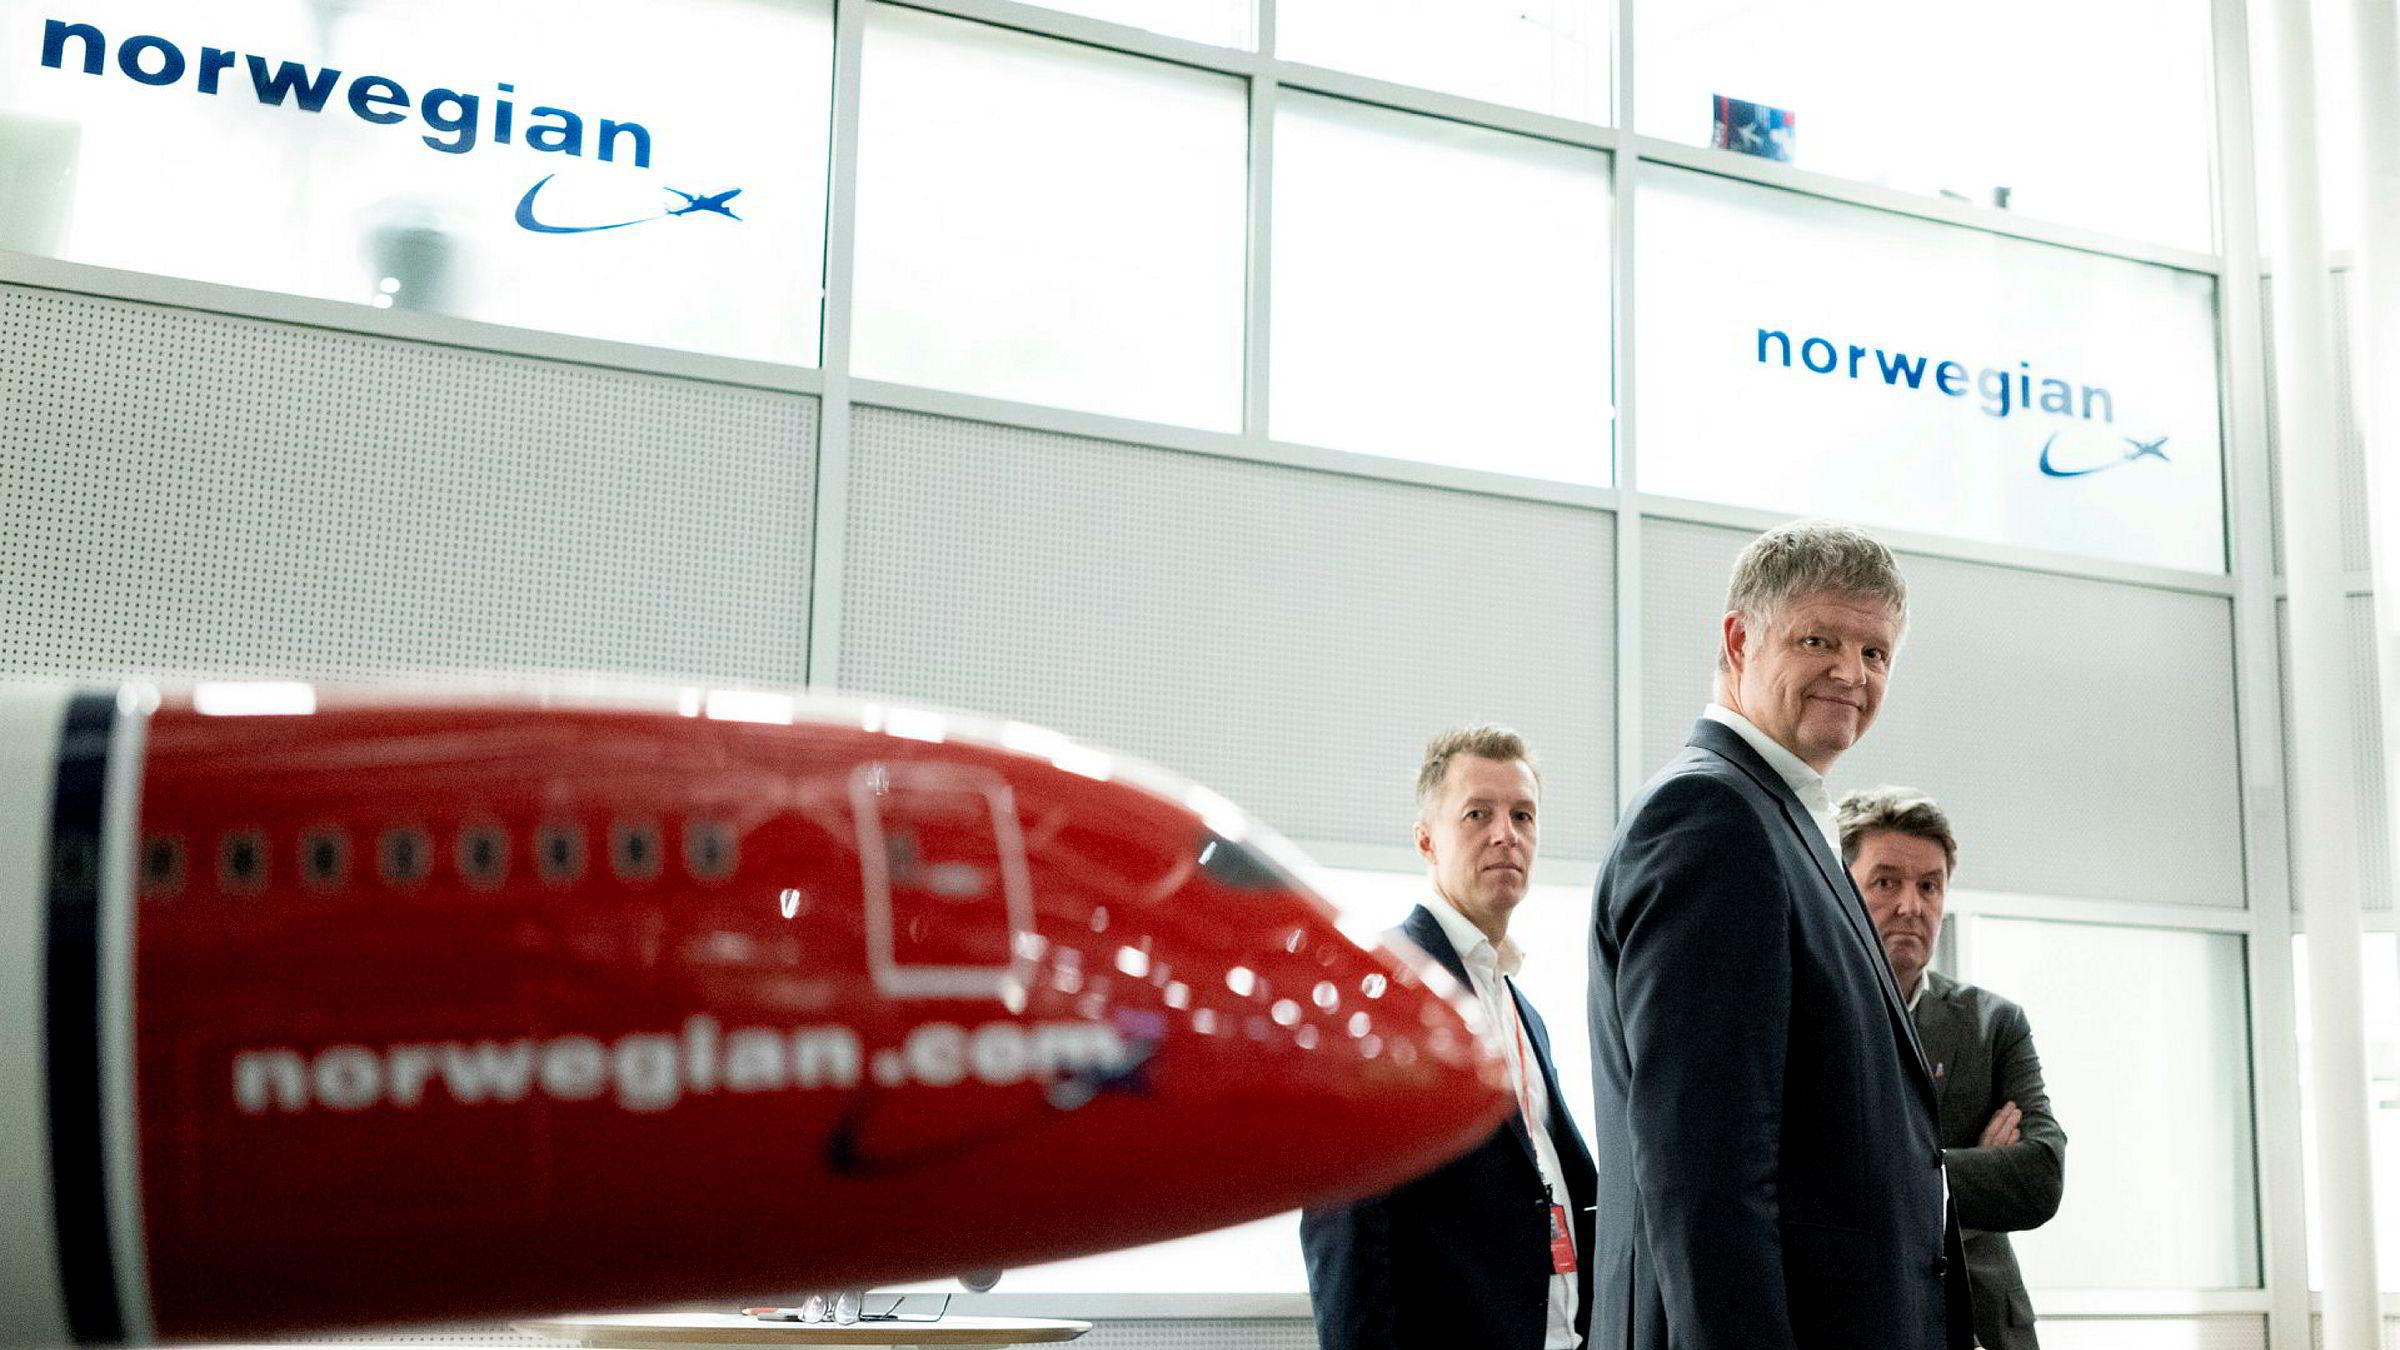 Norwegian-sjef Jacob Schram (i midten) jobber på spreng for å få kreditorer til å godta statens vilkår i krisepakken til flyselskapene. I morgen holder han og finansdirektør Geir Karlsen (til høyre) telefonmøte med mange av dem. Til venstre, informasjonsdirektør Lasse Sandaker-Nielsen.